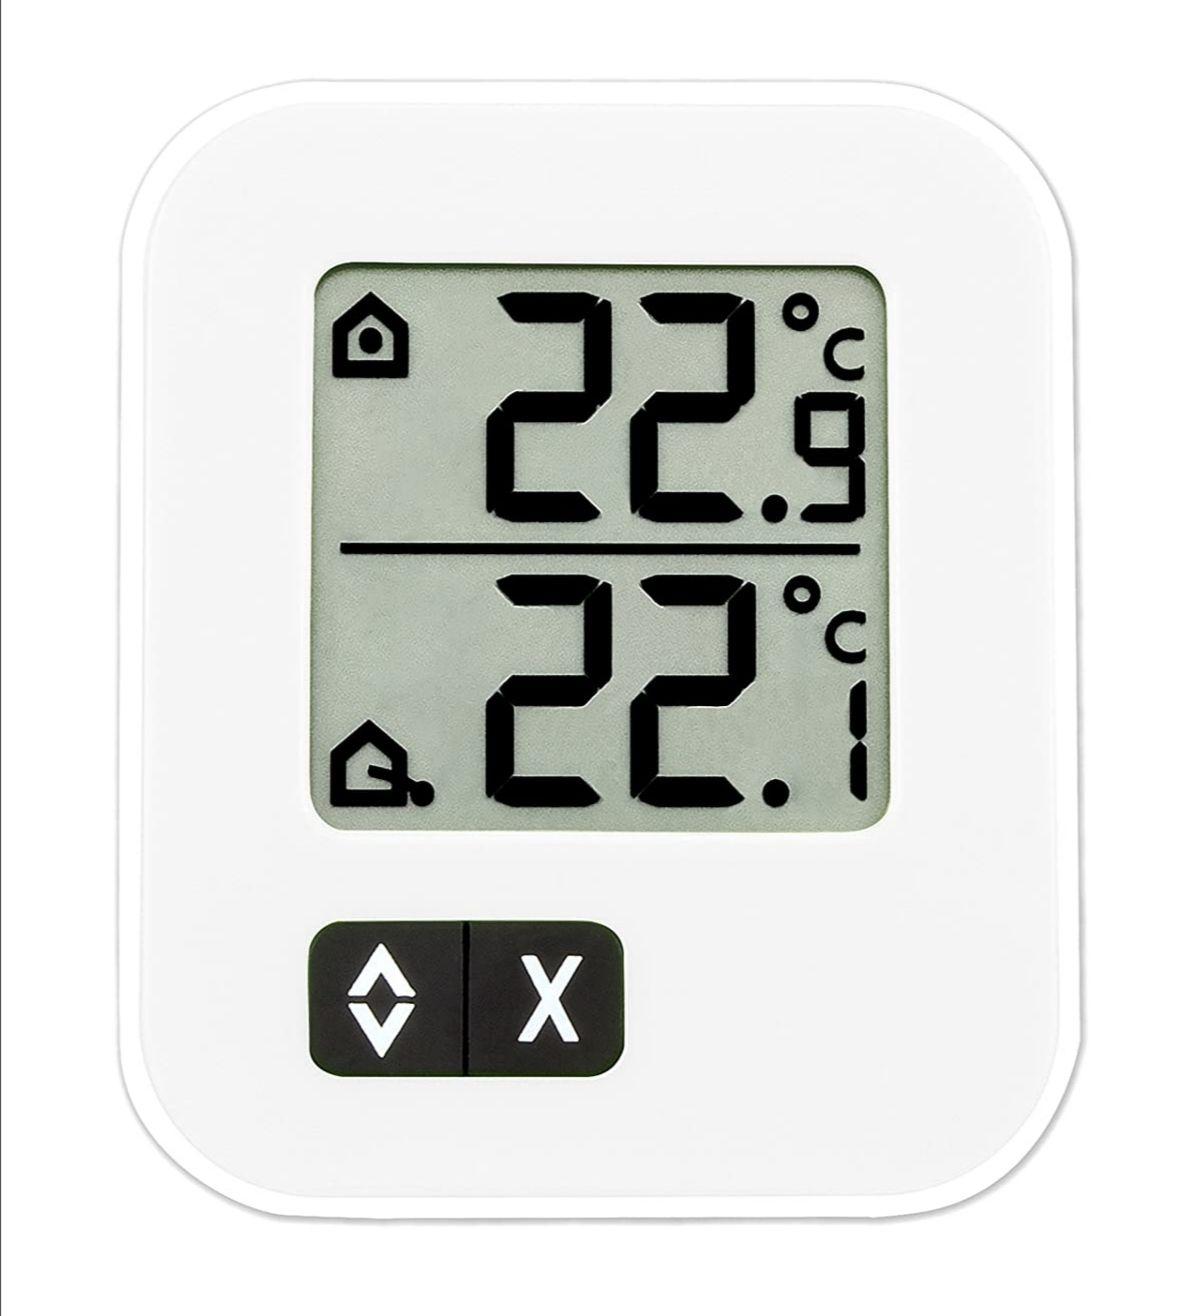 TFA Dostmann Digitales Max-Min-Thermometer, zwei Temperaturen messbar. (PRIME)